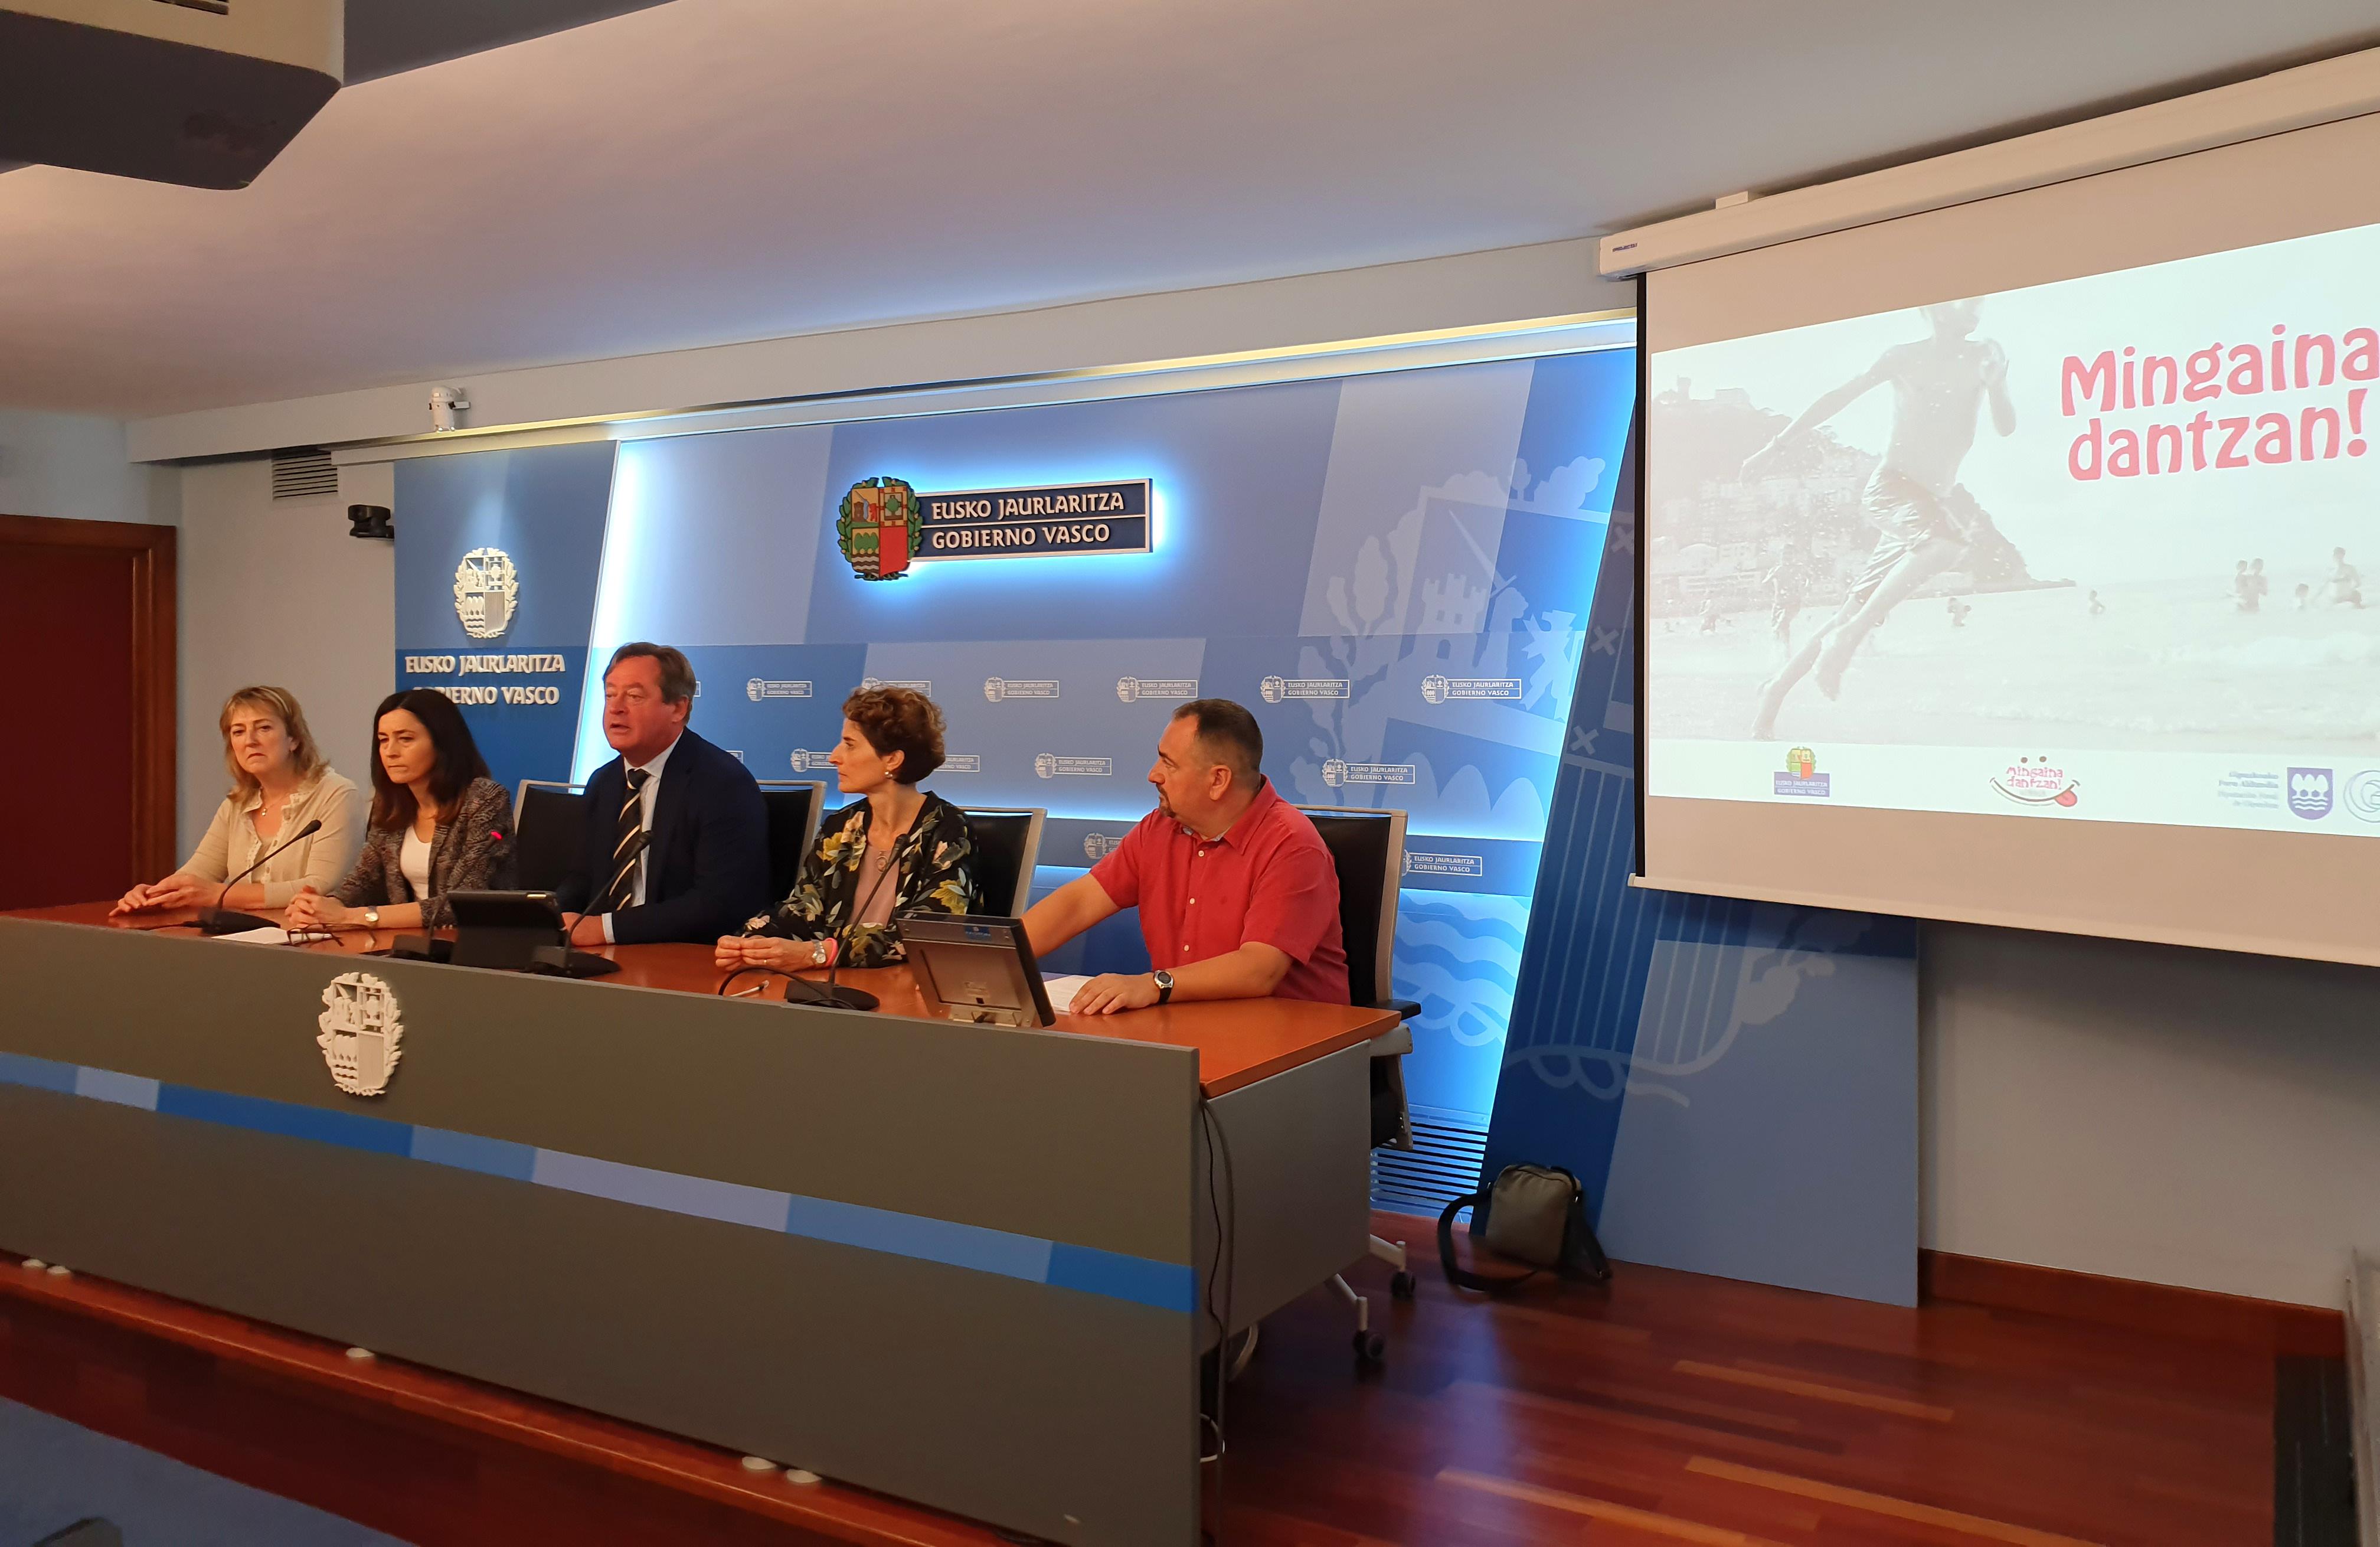 Tras un estudio sociolingüístico de dos años, Gobierno Vasco y Diputación Foral de Gipuzkoa ponen en marcha una nueva dinámica para promover el uso del euskera entre niños/as y jóvenes